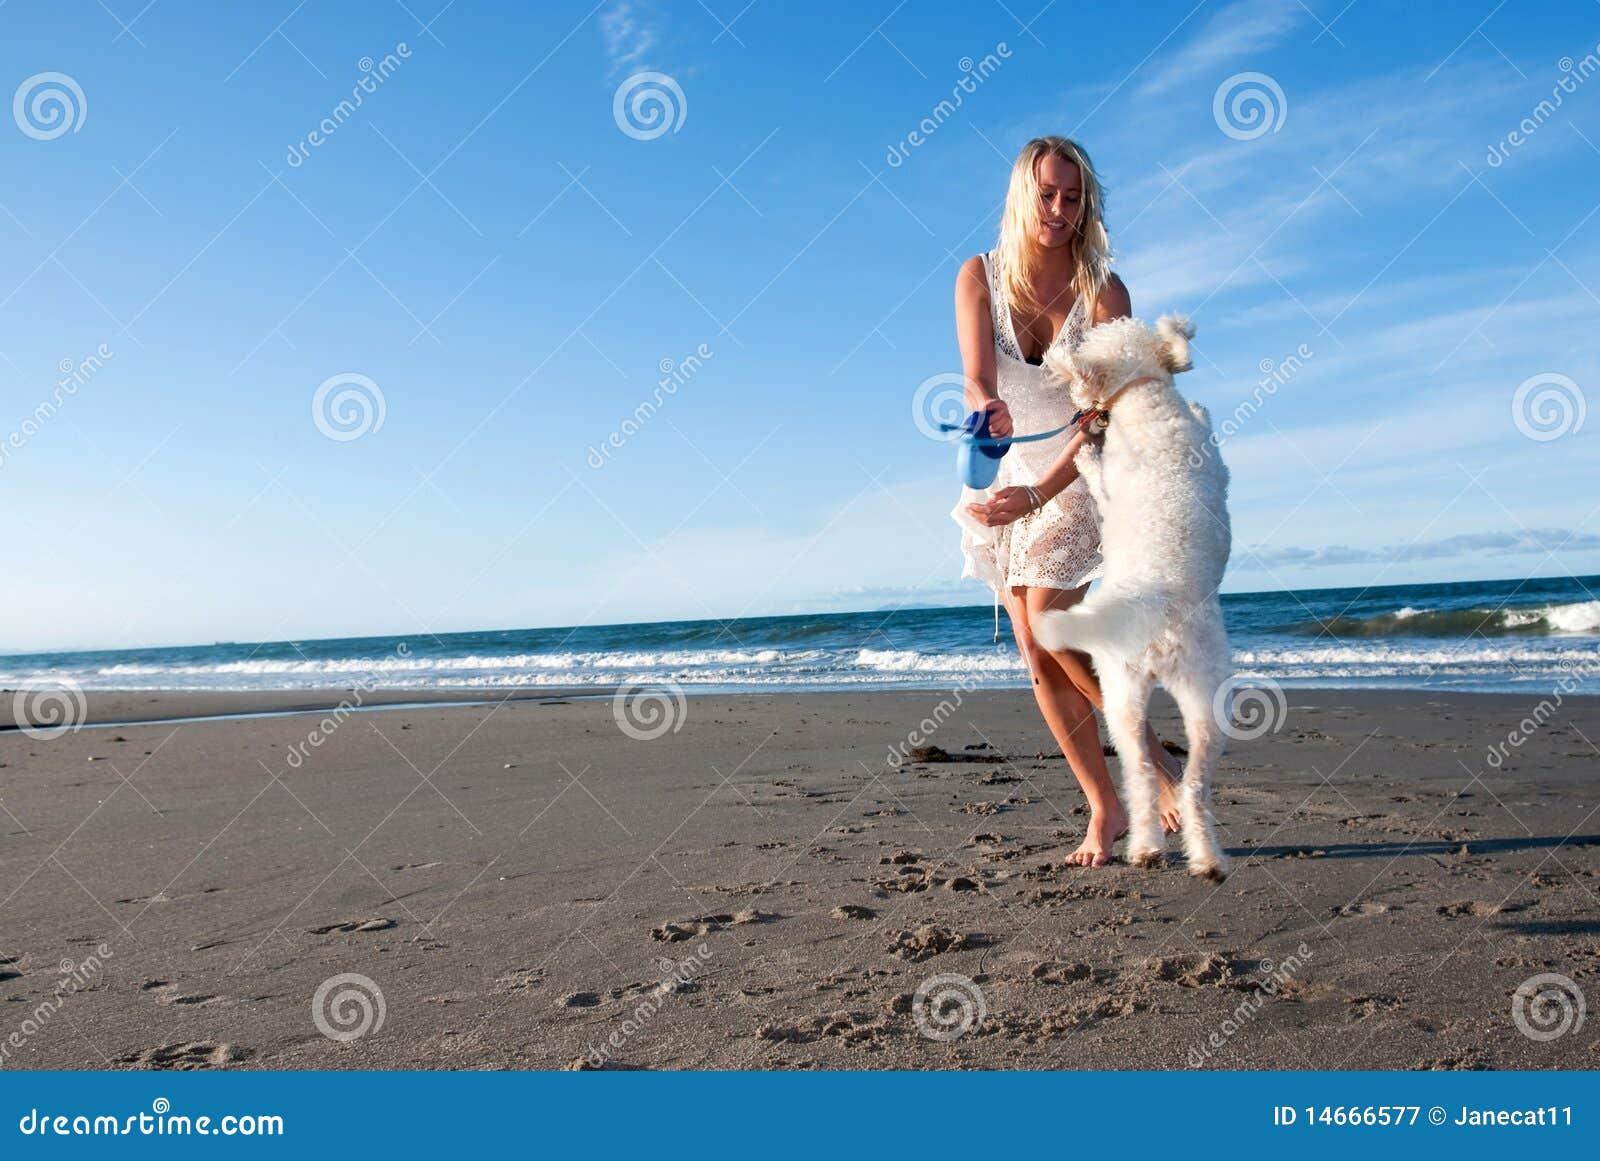 Mädchen mit Hund am Strand